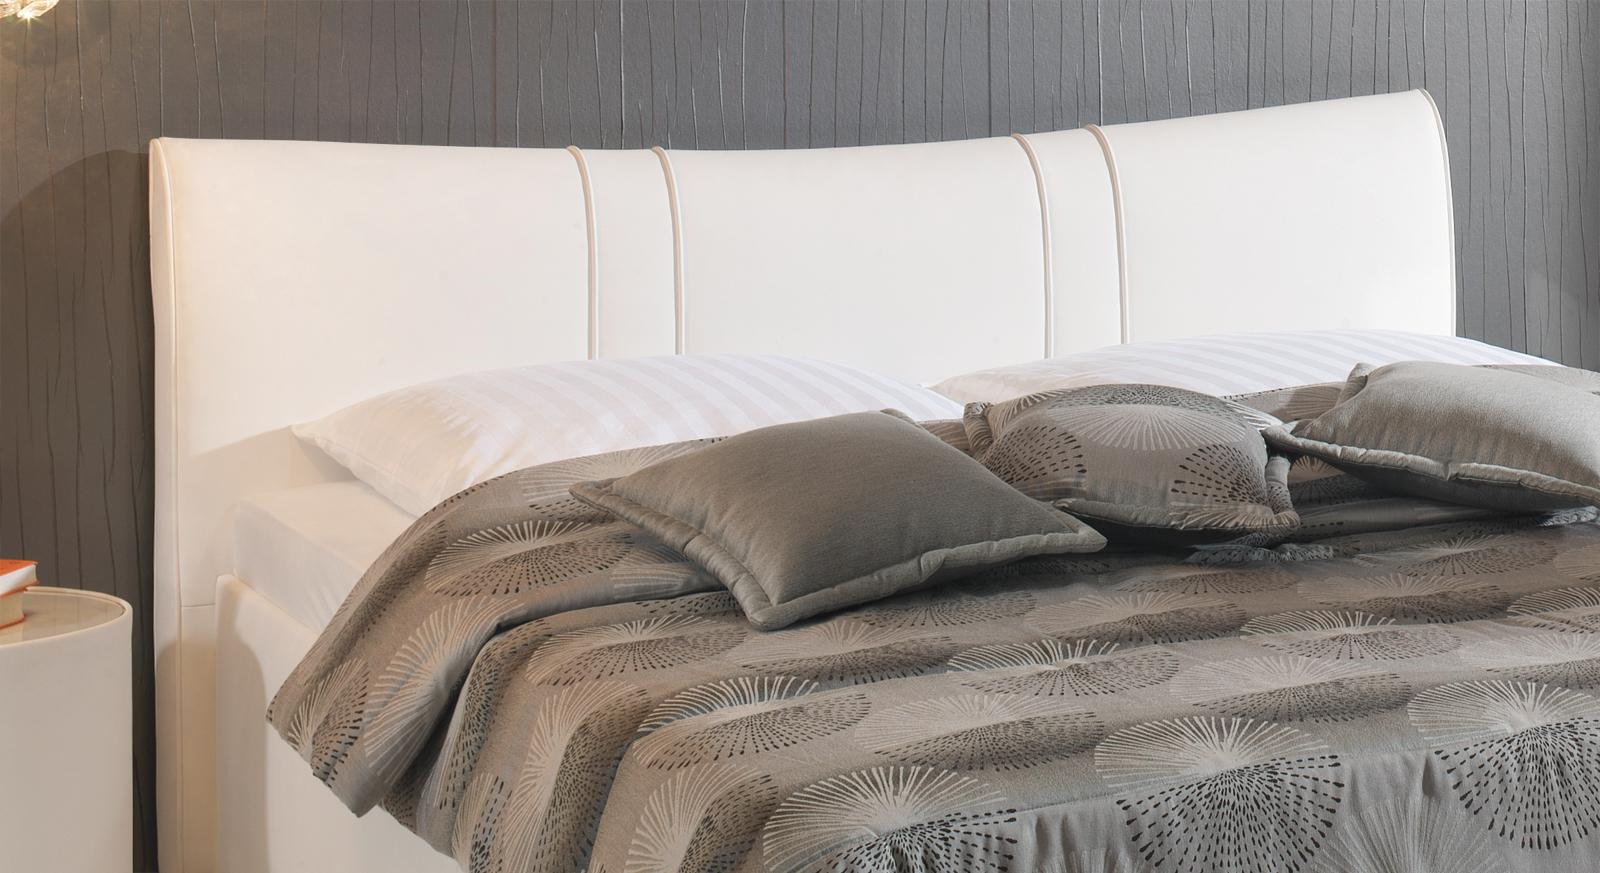 Patchwork tagesdecke bettuberwurf schlafzimmer